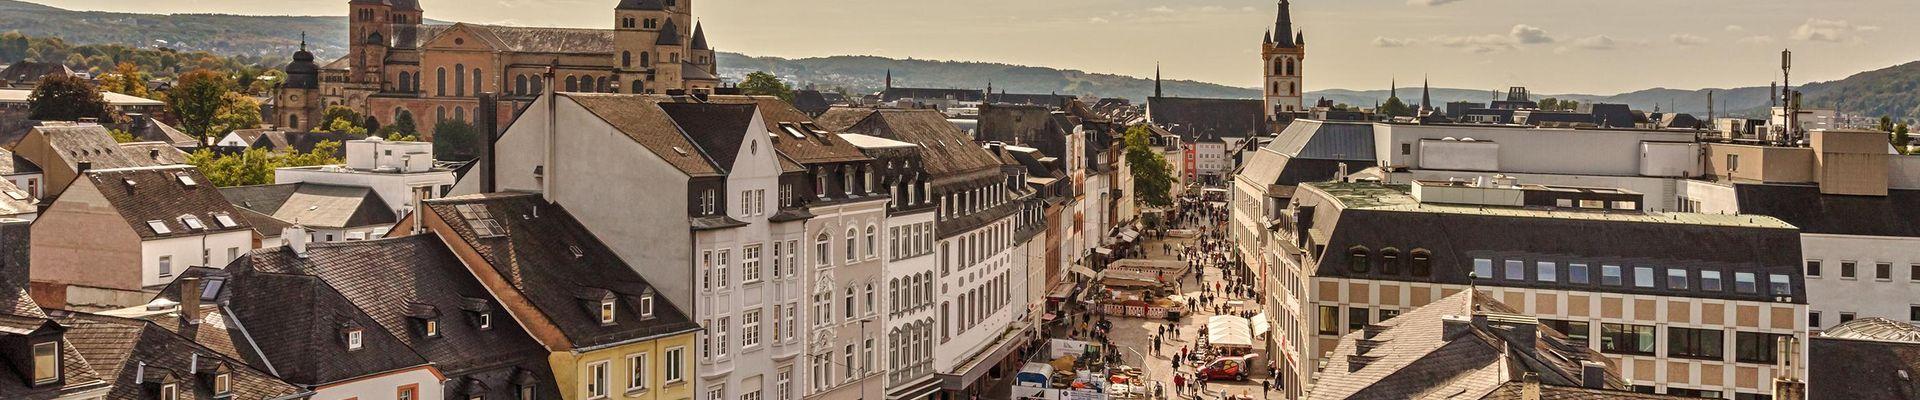 Hochzeit Rheinland-Pfalz